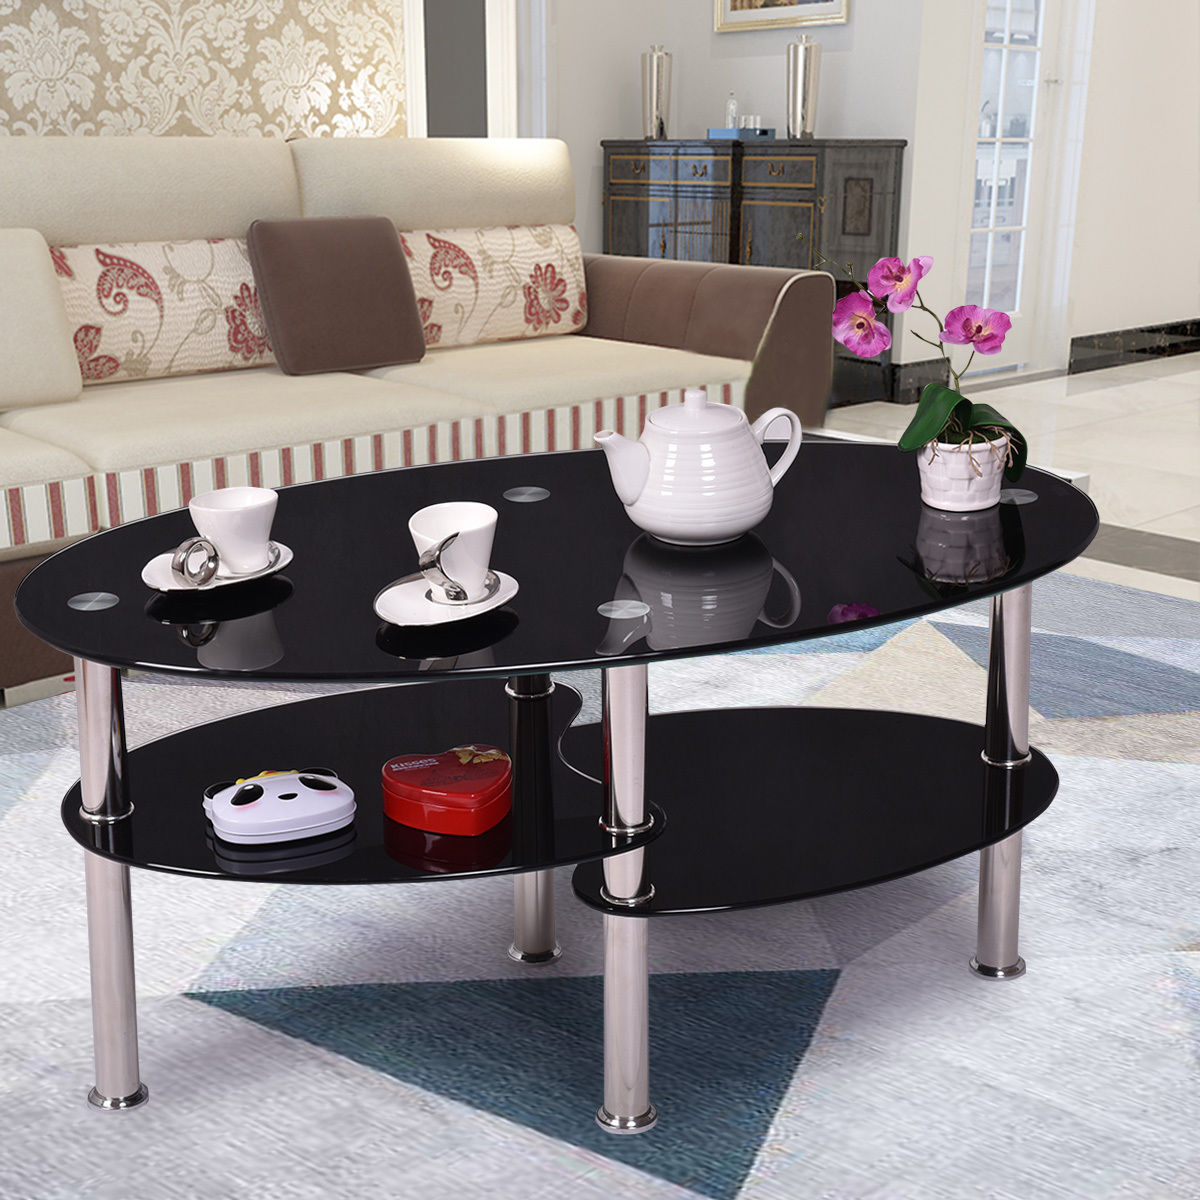 Glass Black Coffee Table Oval Side Shelves Chrome Base